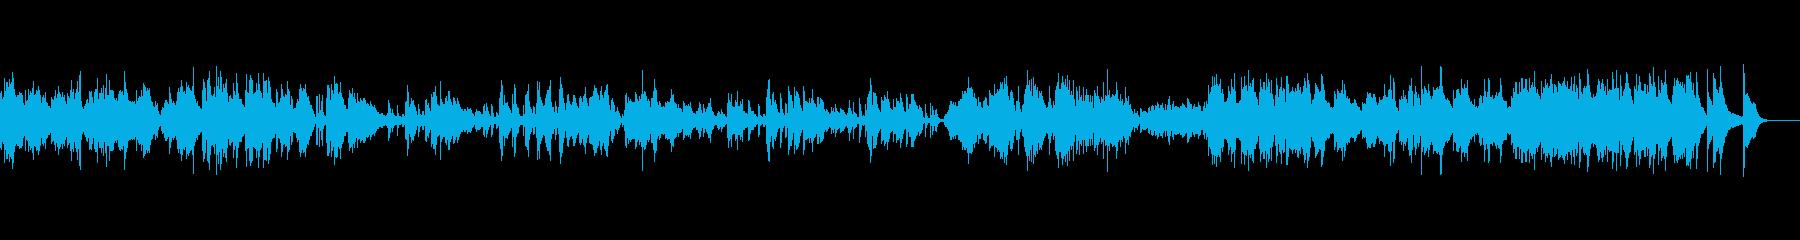 ピアノソロベルガマスク組曲プレリュードの再生済みの波形